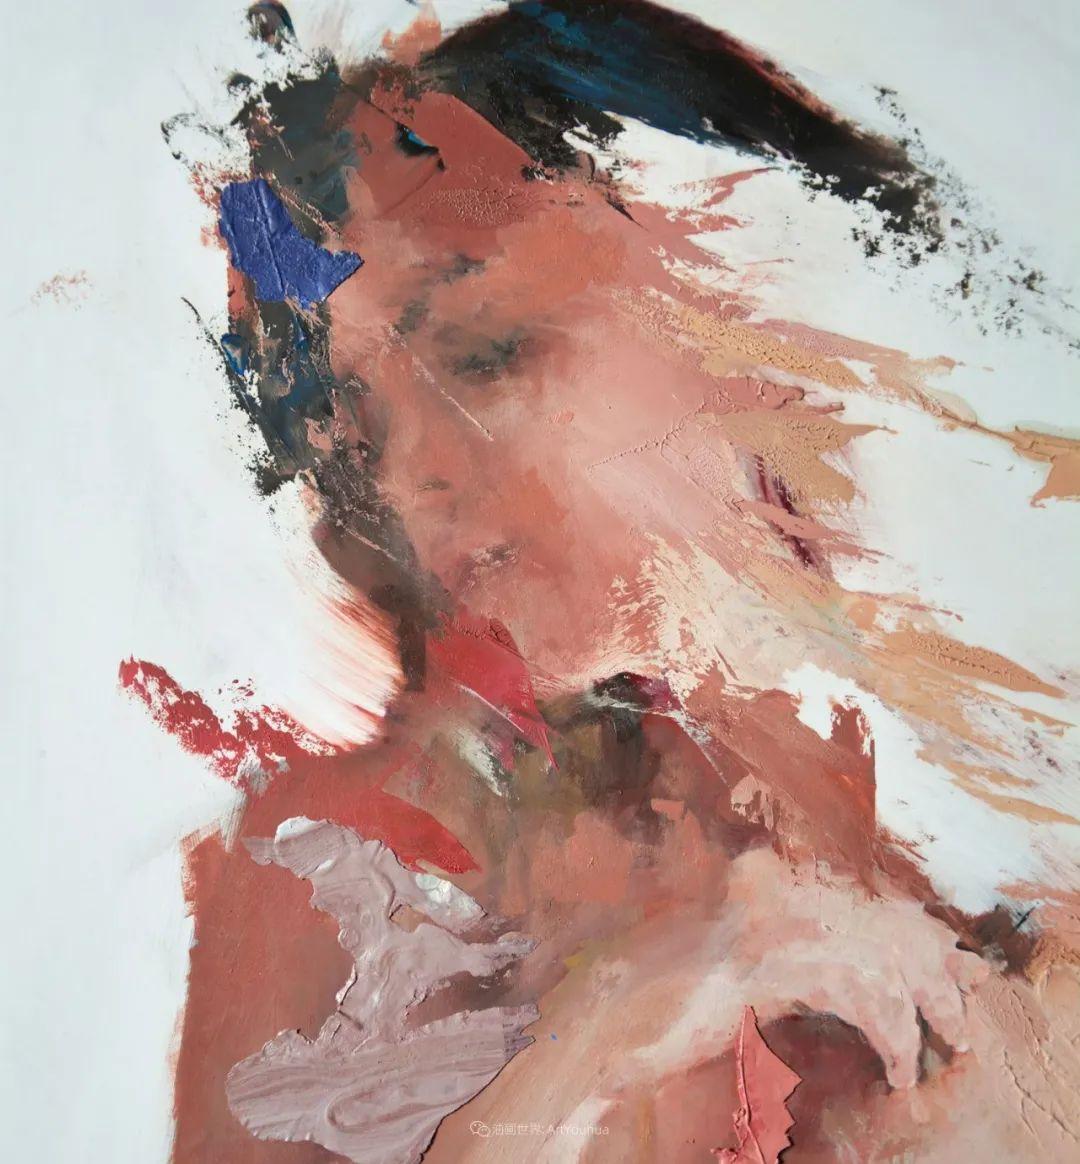 """诠释""""易碎""""人体,哥伦比亚画家耶苏斯·莱吉扎莫插图21"""